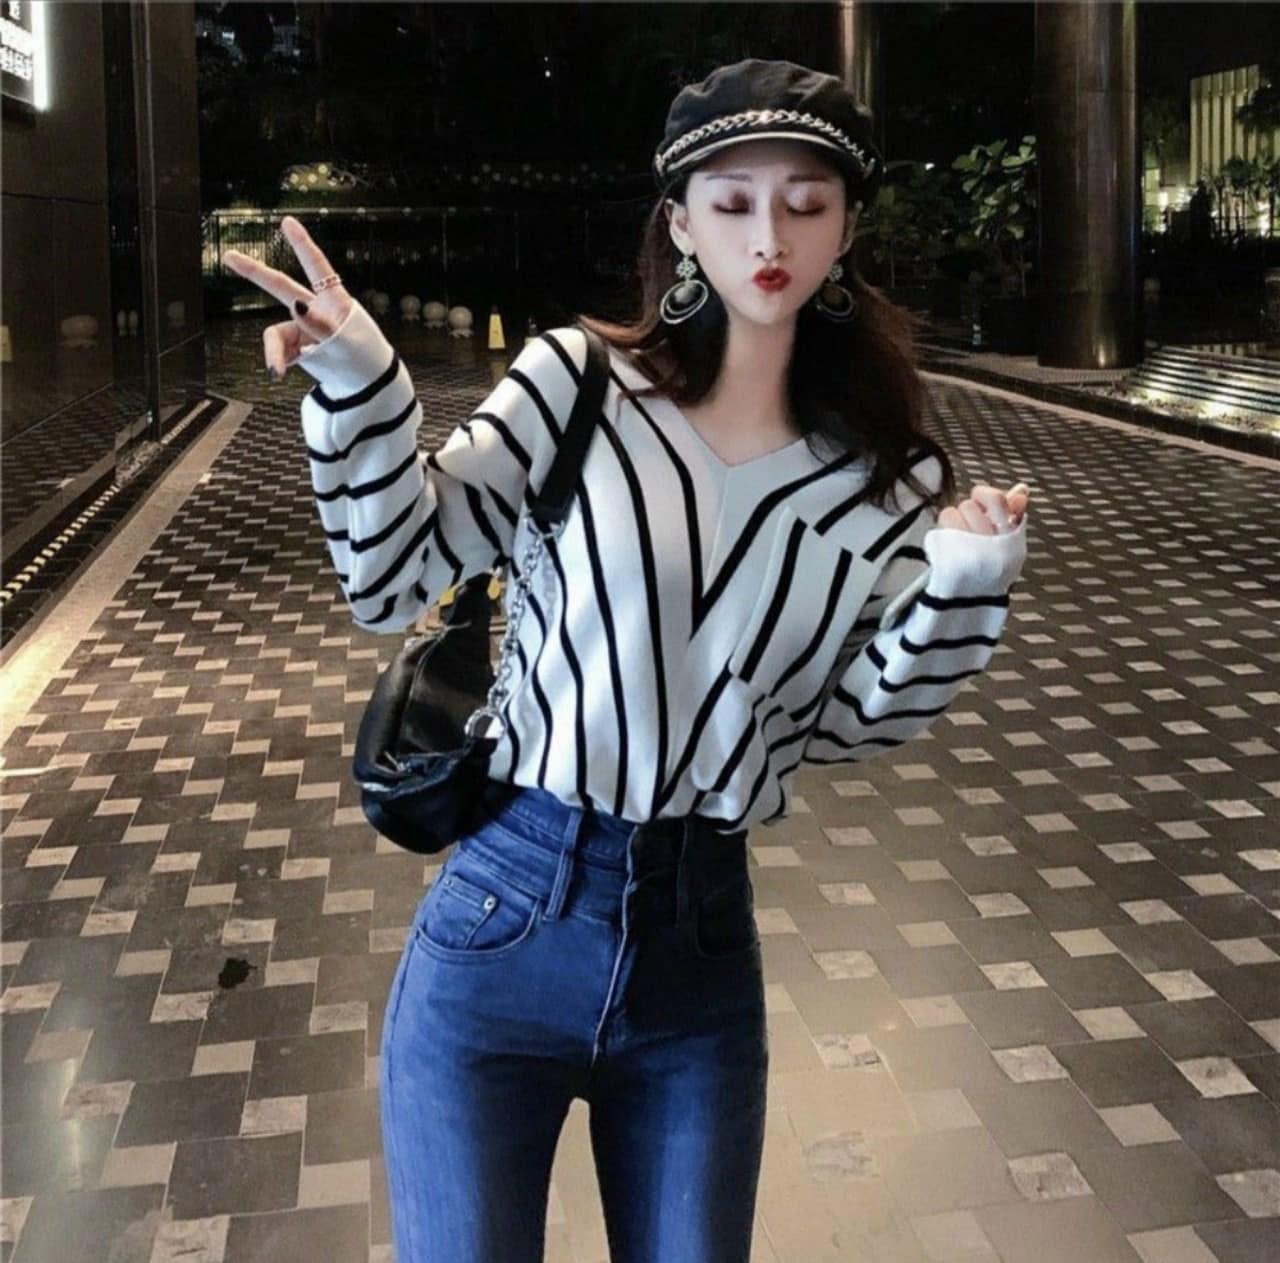 Thỏa sức phối đồ nữ tính với bí quyết từ Trần Ngọc Hằng Store - Ảnh 3.